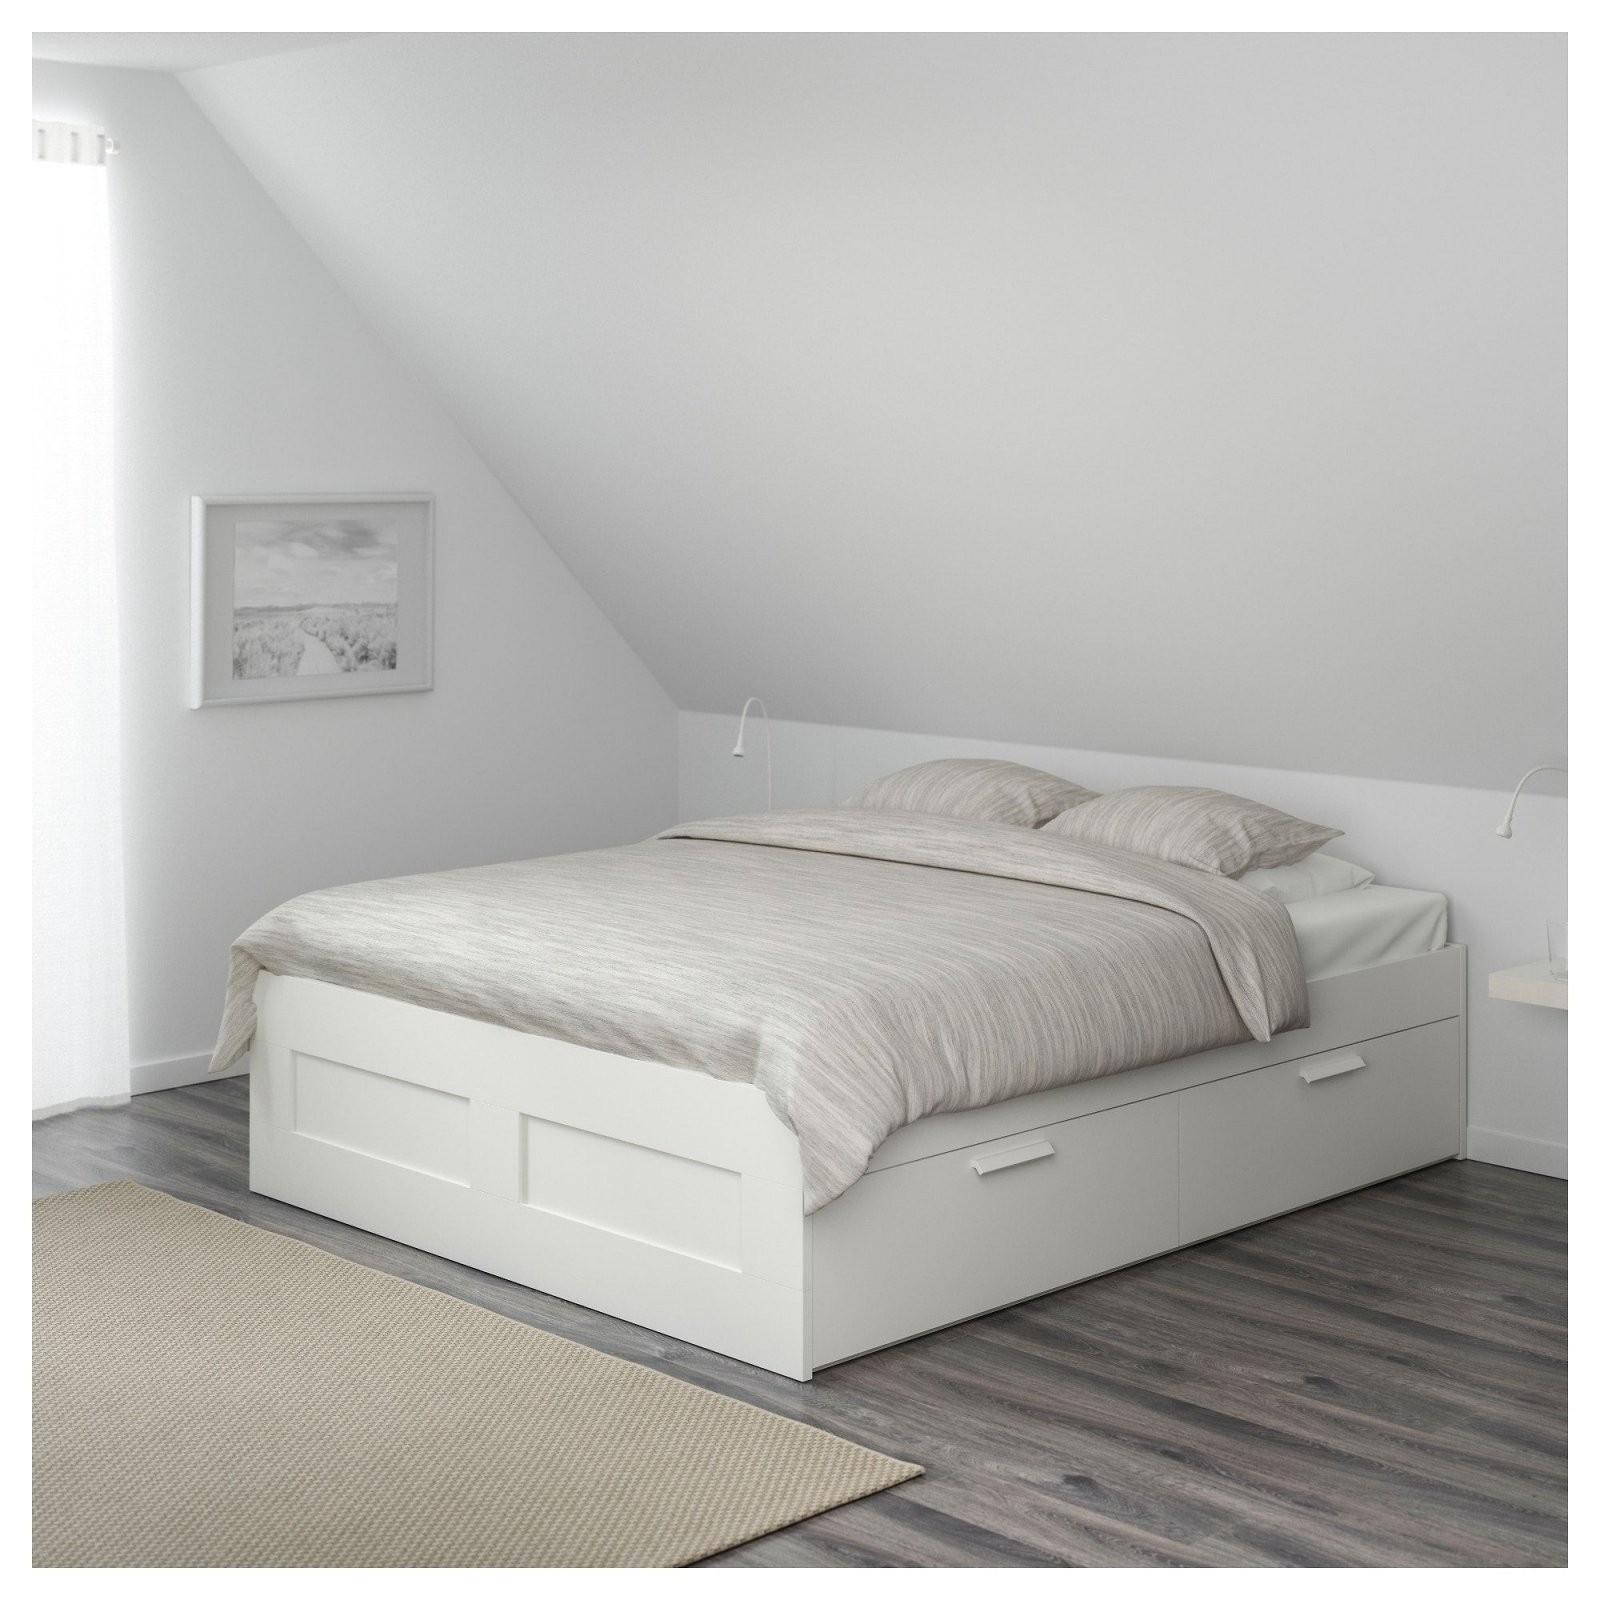 Brimnes Bettgestell Mit Schubladen 180X200 Cm Ikea Stauraum Unter von Ikea Einzelbett Mit Unterbett Bild